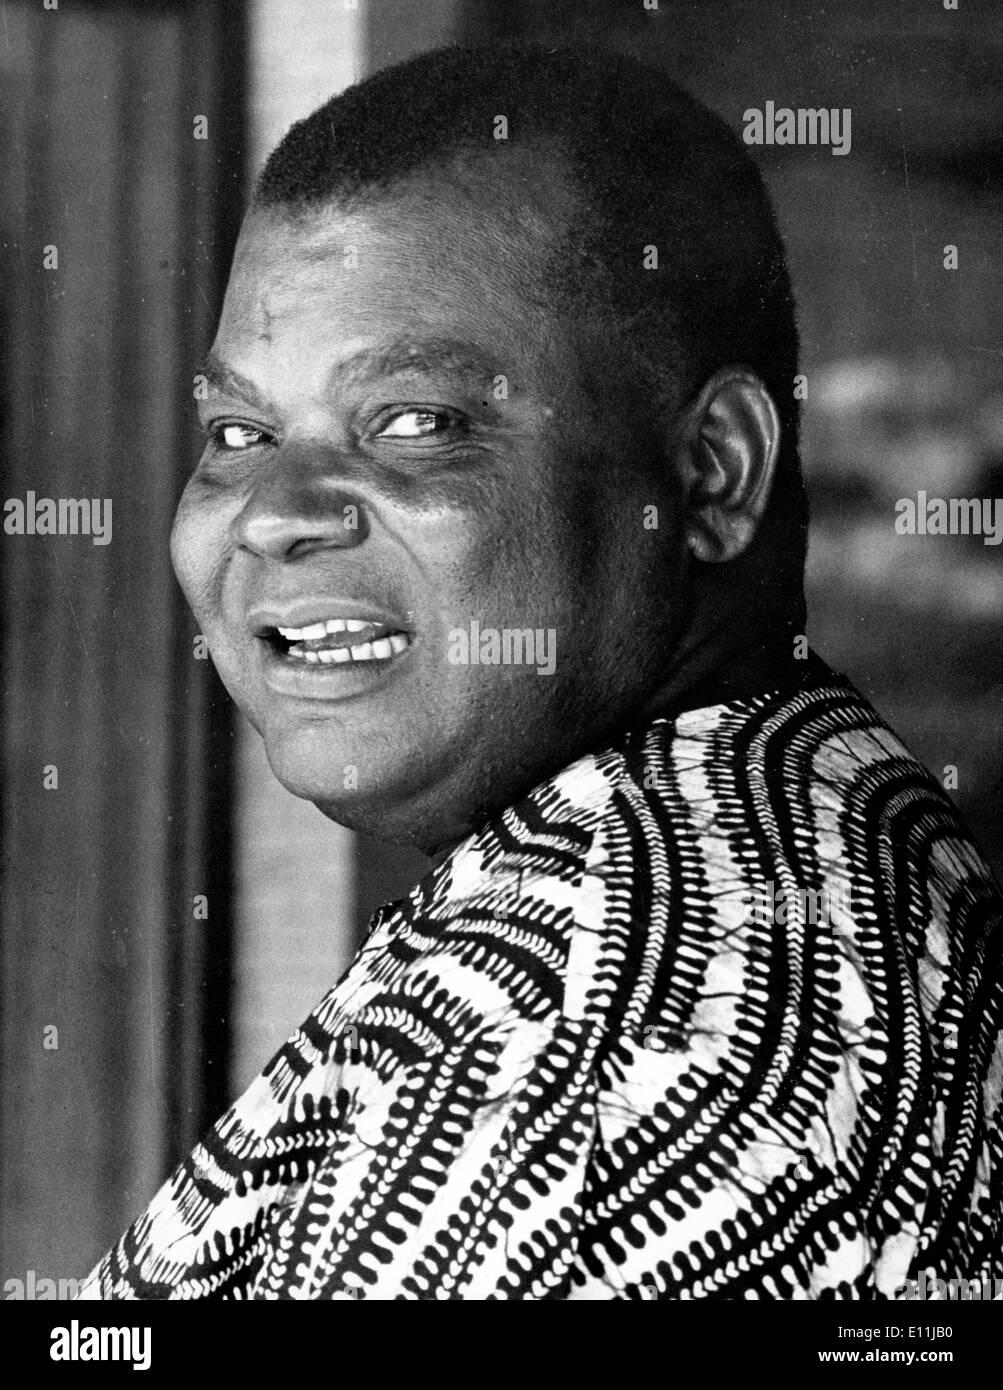 Apr 11, 1978; Luanda, Angola; DR. AZEVEDO, member of the Foreign Affairs Bureau, FNLA. - Stock Image